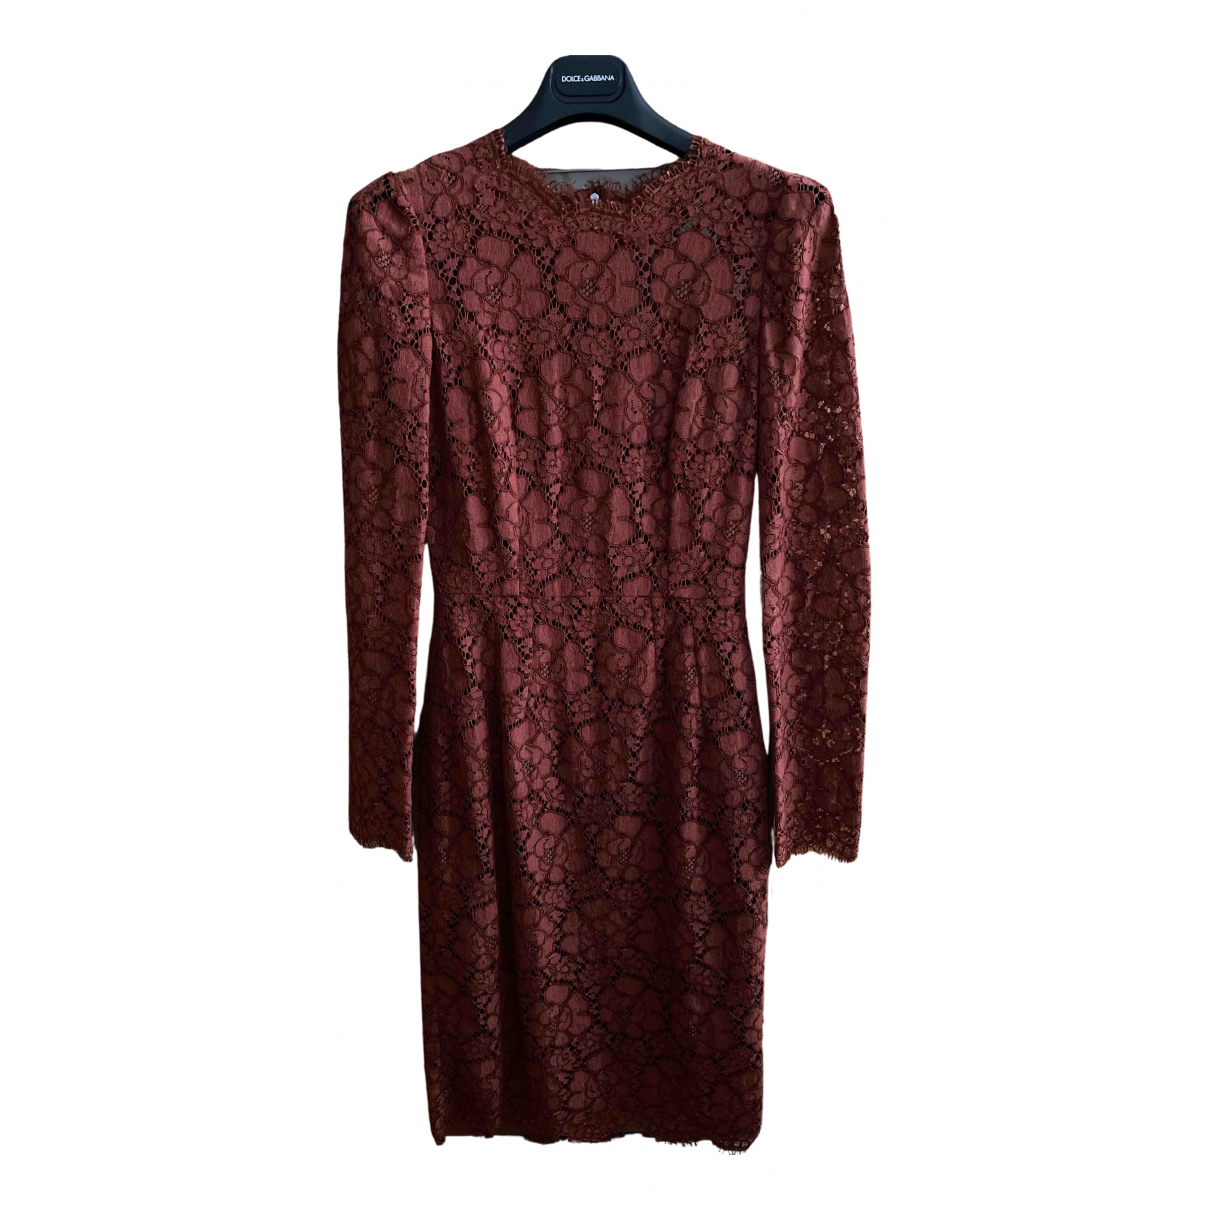 Dolce & Gabbana - Robe   pour femme en dentelle - bordeaux